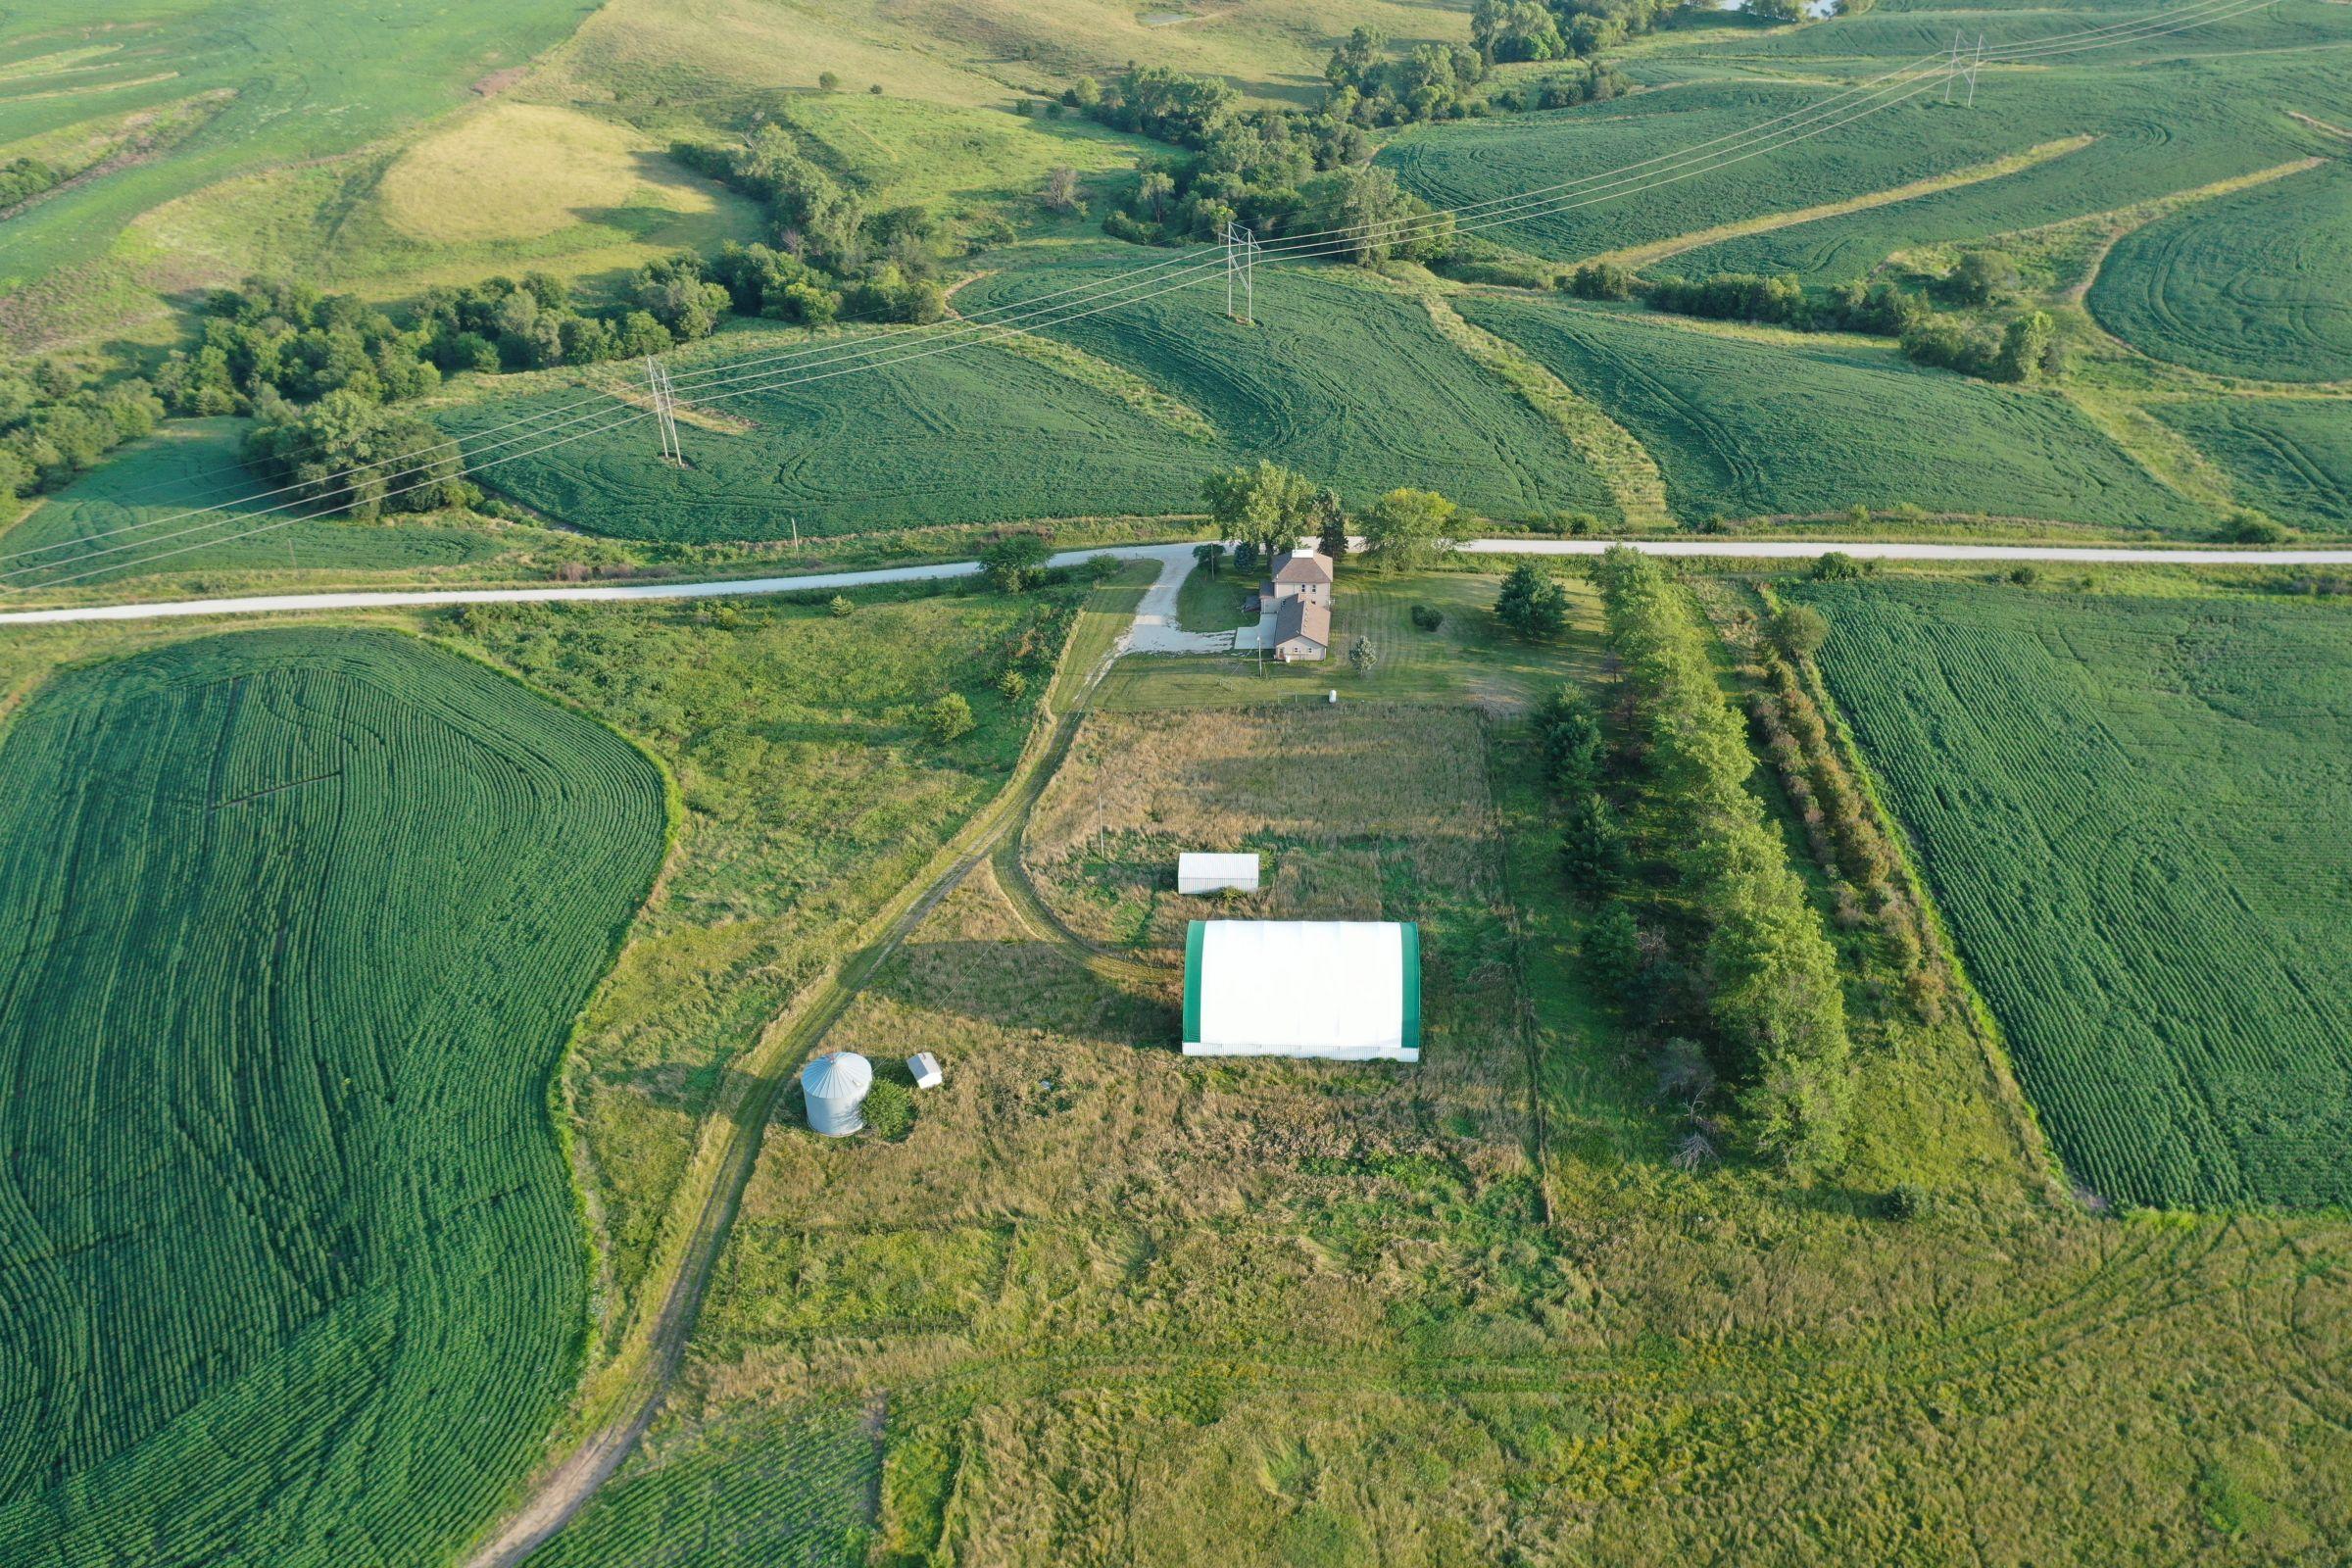 residential-adair-county-iowa-6-acres-listing-number-15664-3-2021-08-04-193344.JPG